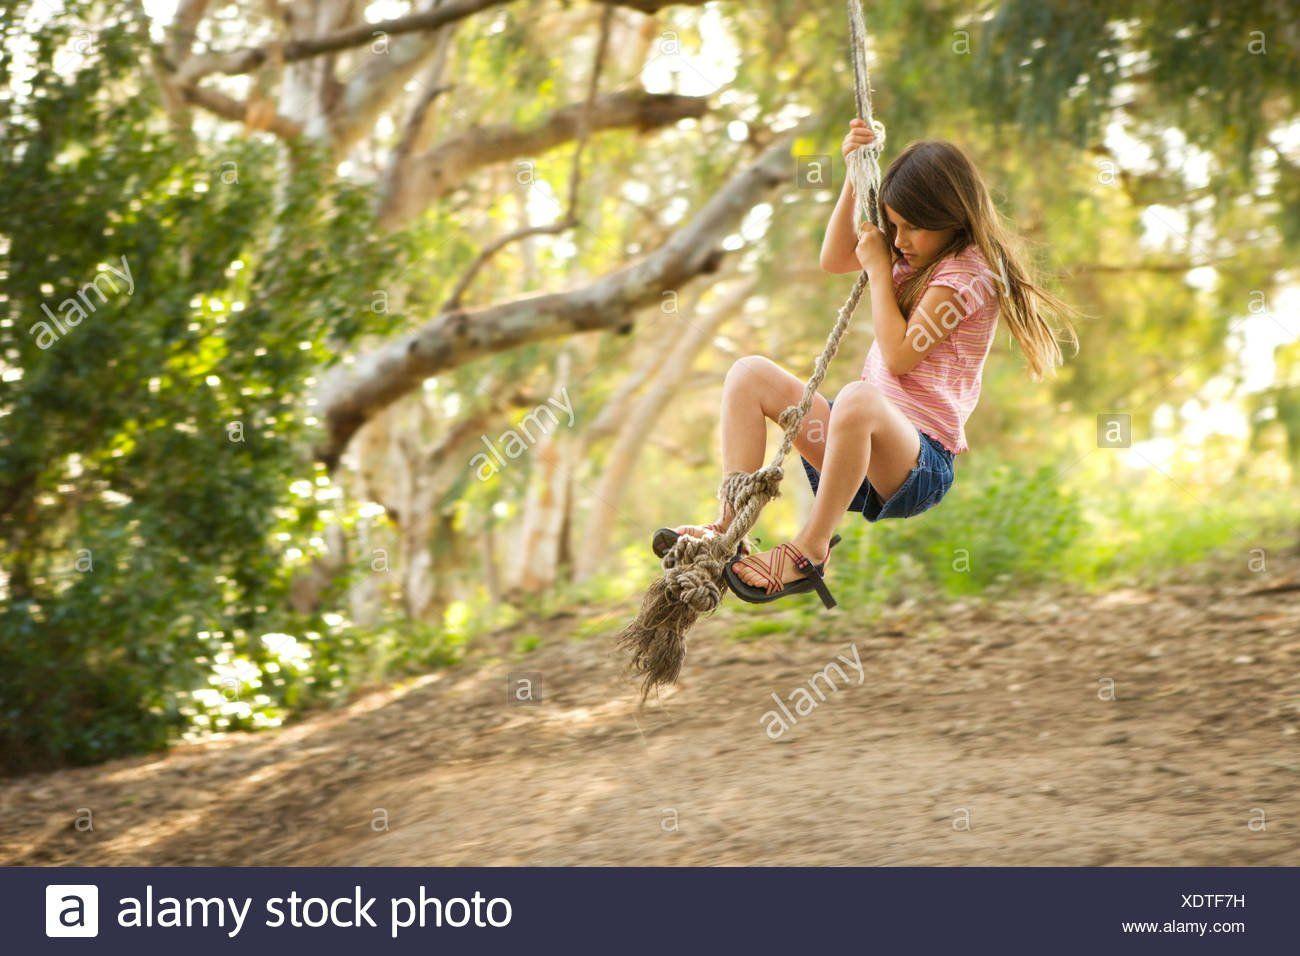 California girl swinger